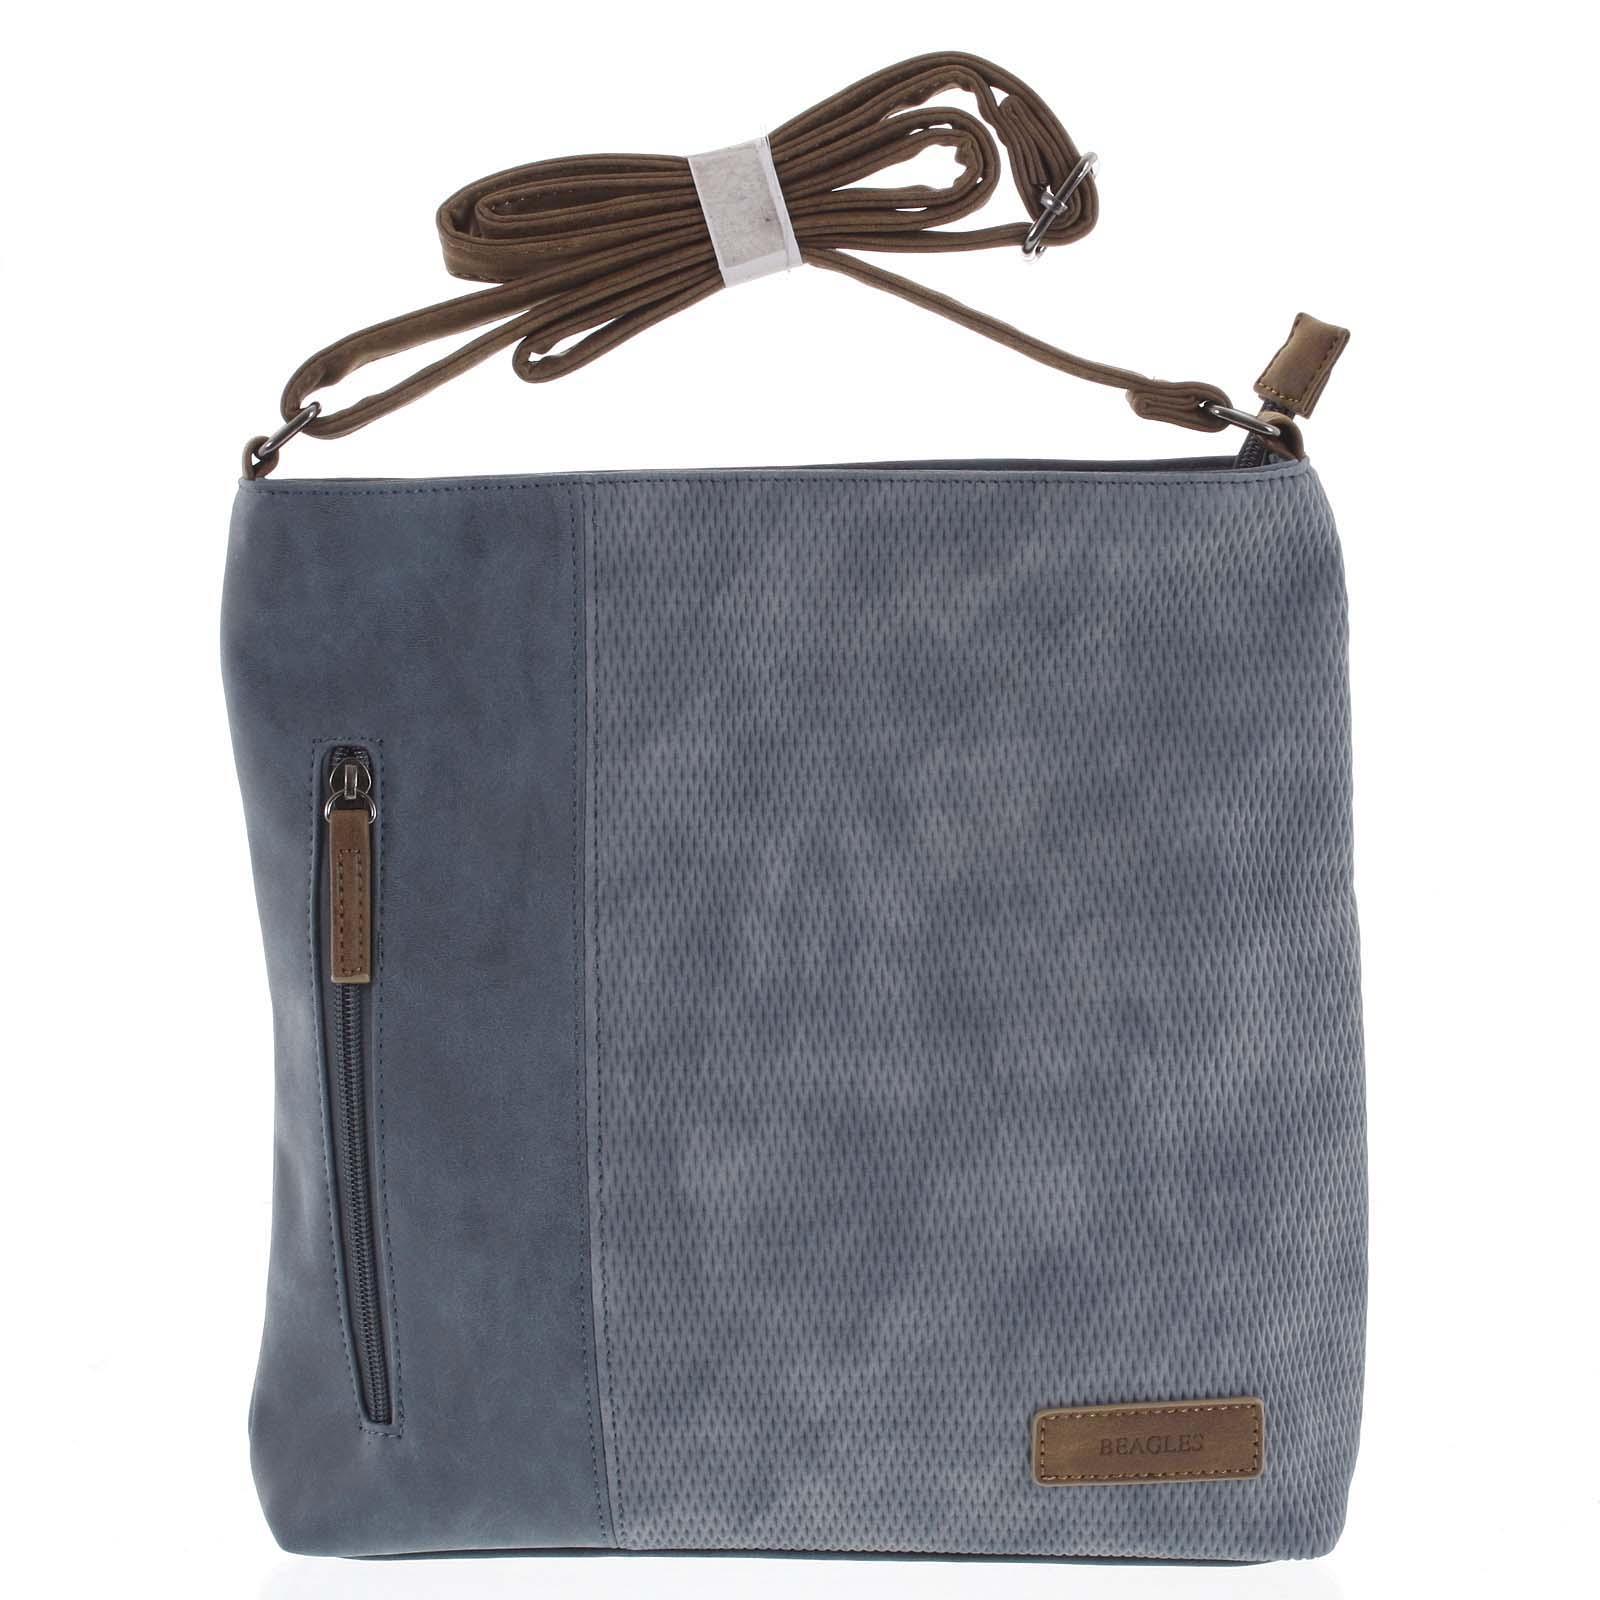 Dámská crossbody kabelka bledě modrá - Beagles Witharmy